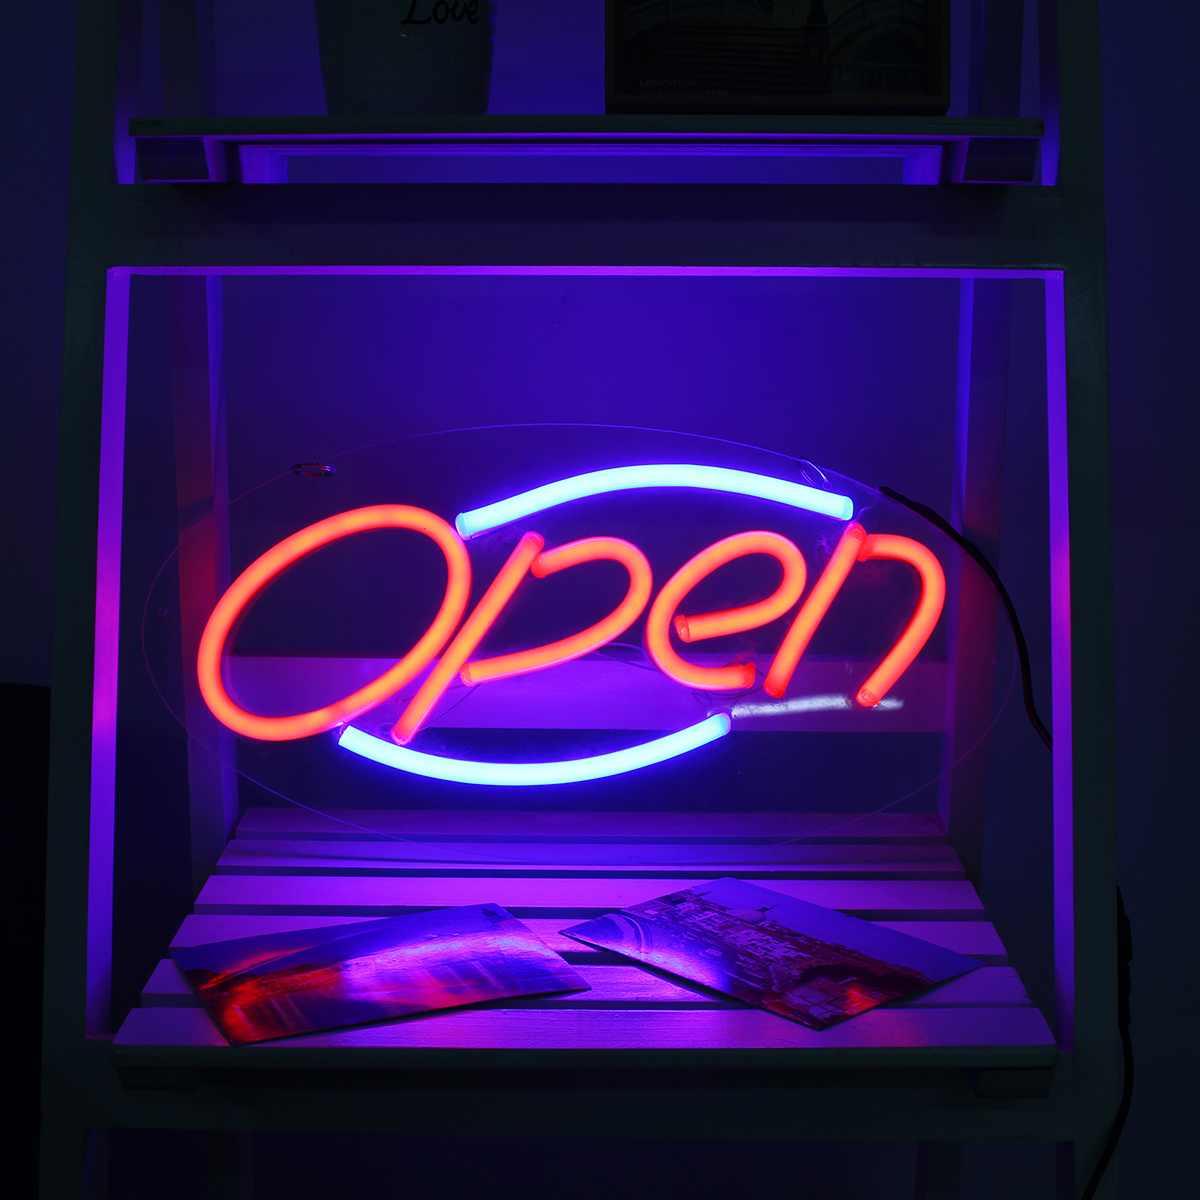 Néon enseigne lumière Bar ouvert Pub Club Studio mur affichage LED Tube nuit lampe néon Tubes conseil décoration visuelle œuvre éclairage - 2